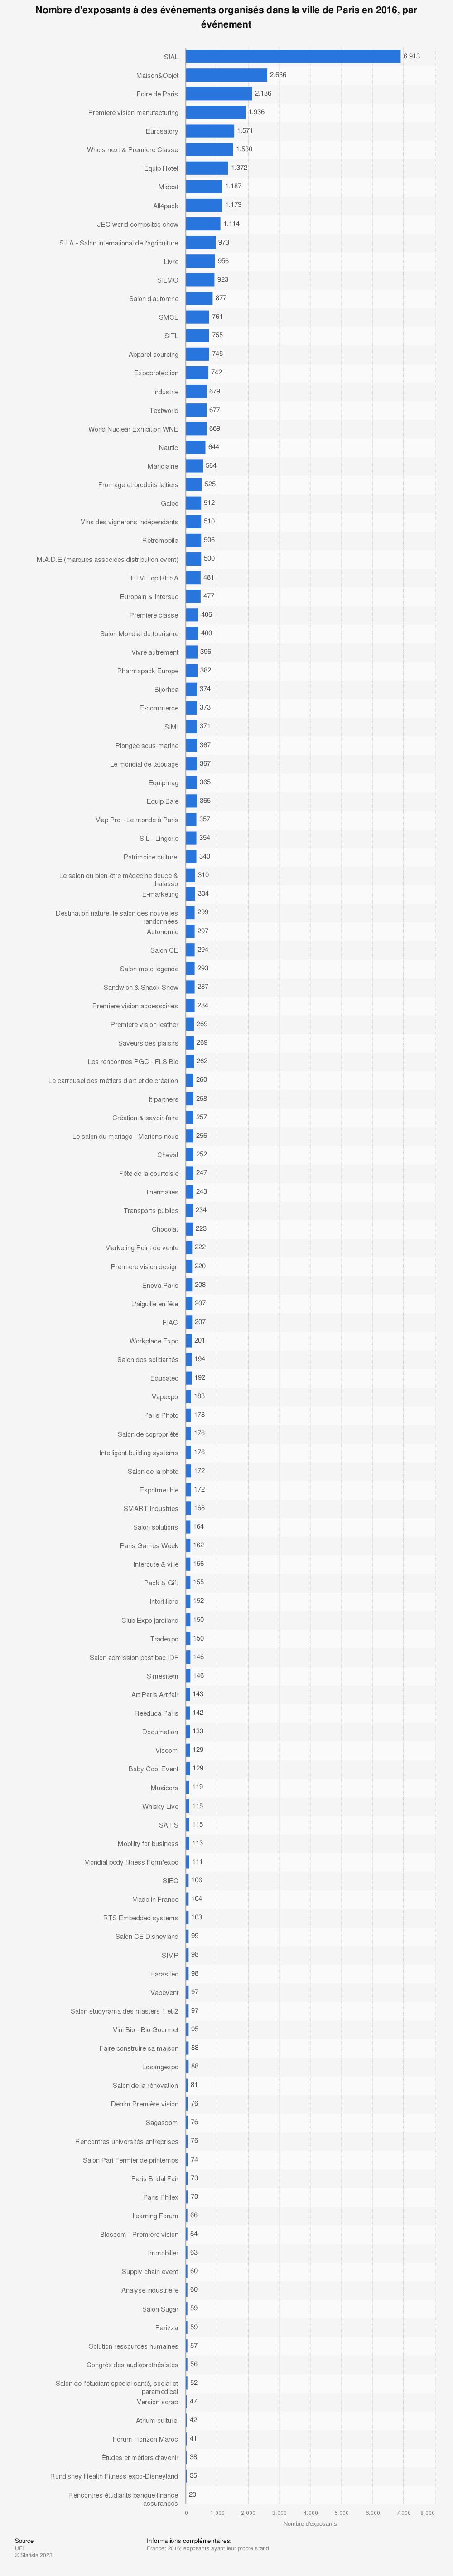 Statistique: Nombre d'exposants à des événements organisés dans la ville de Paris en 2016, par événement | Statista